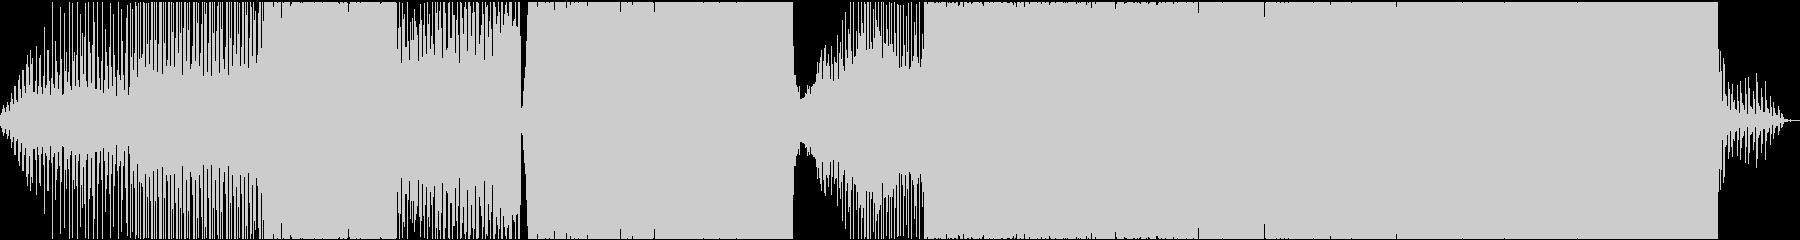 テンポがよく元気のいいEDM系の曲の未再生の波形